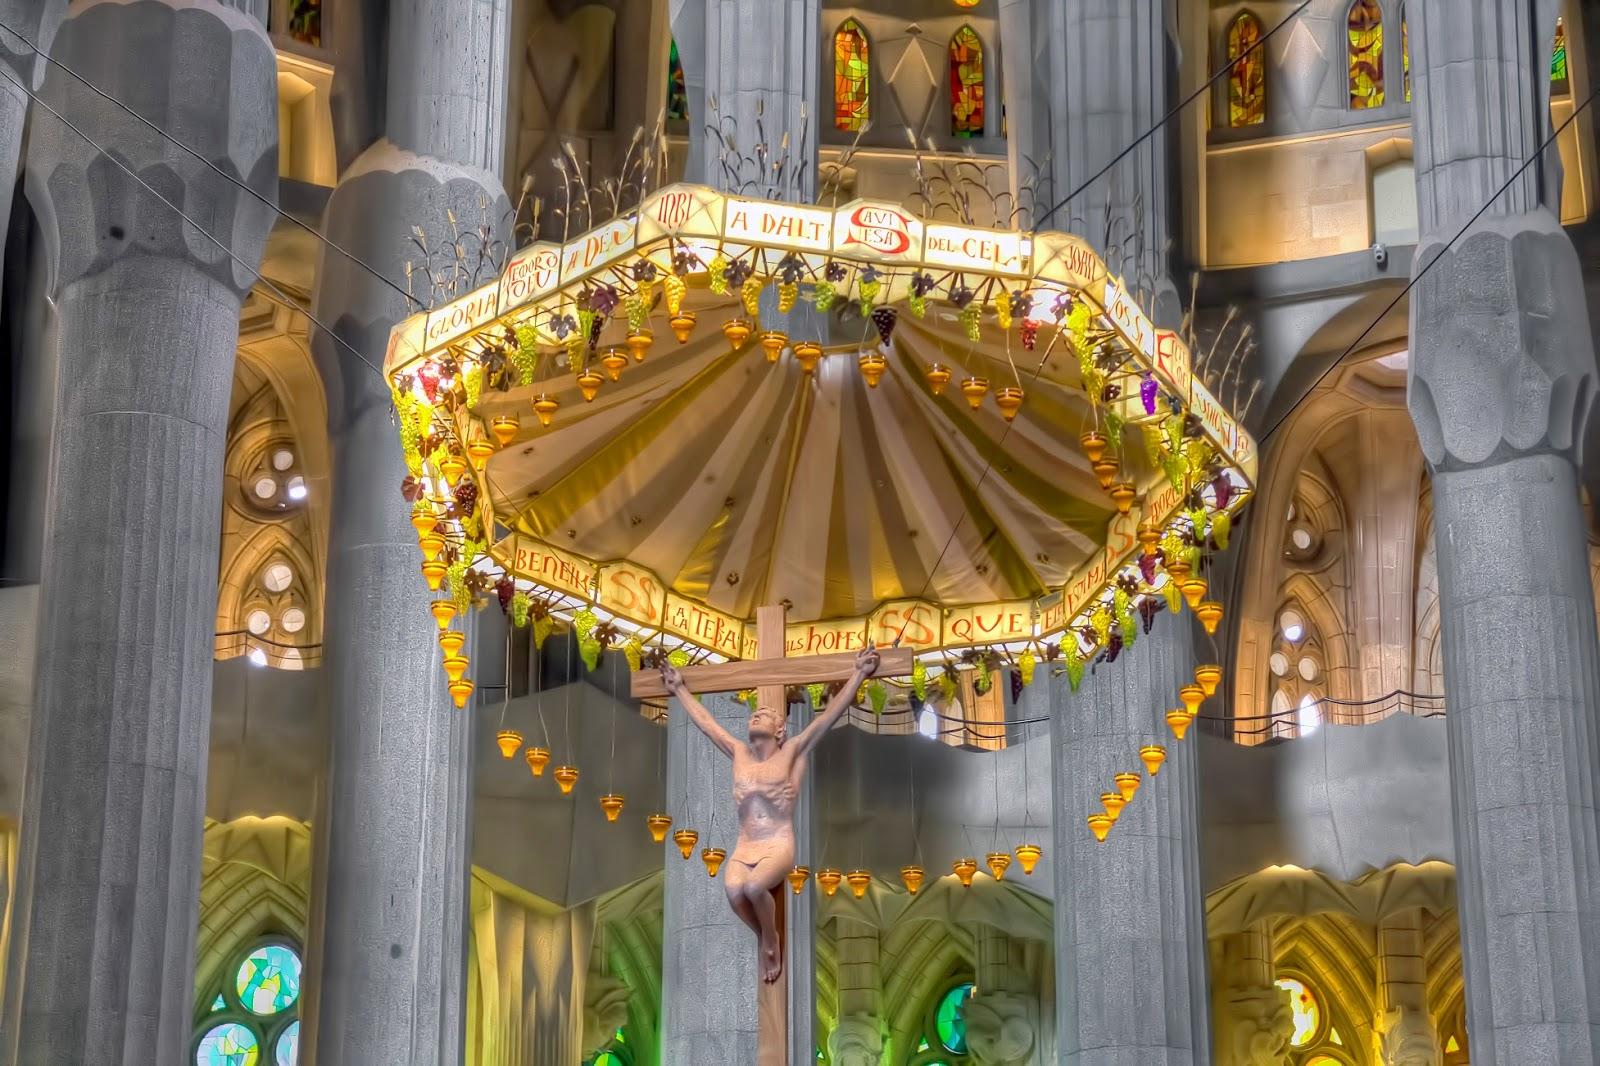 Urbina vinos blog la sagrada familia turismo barcelona for La sagrada familia interior